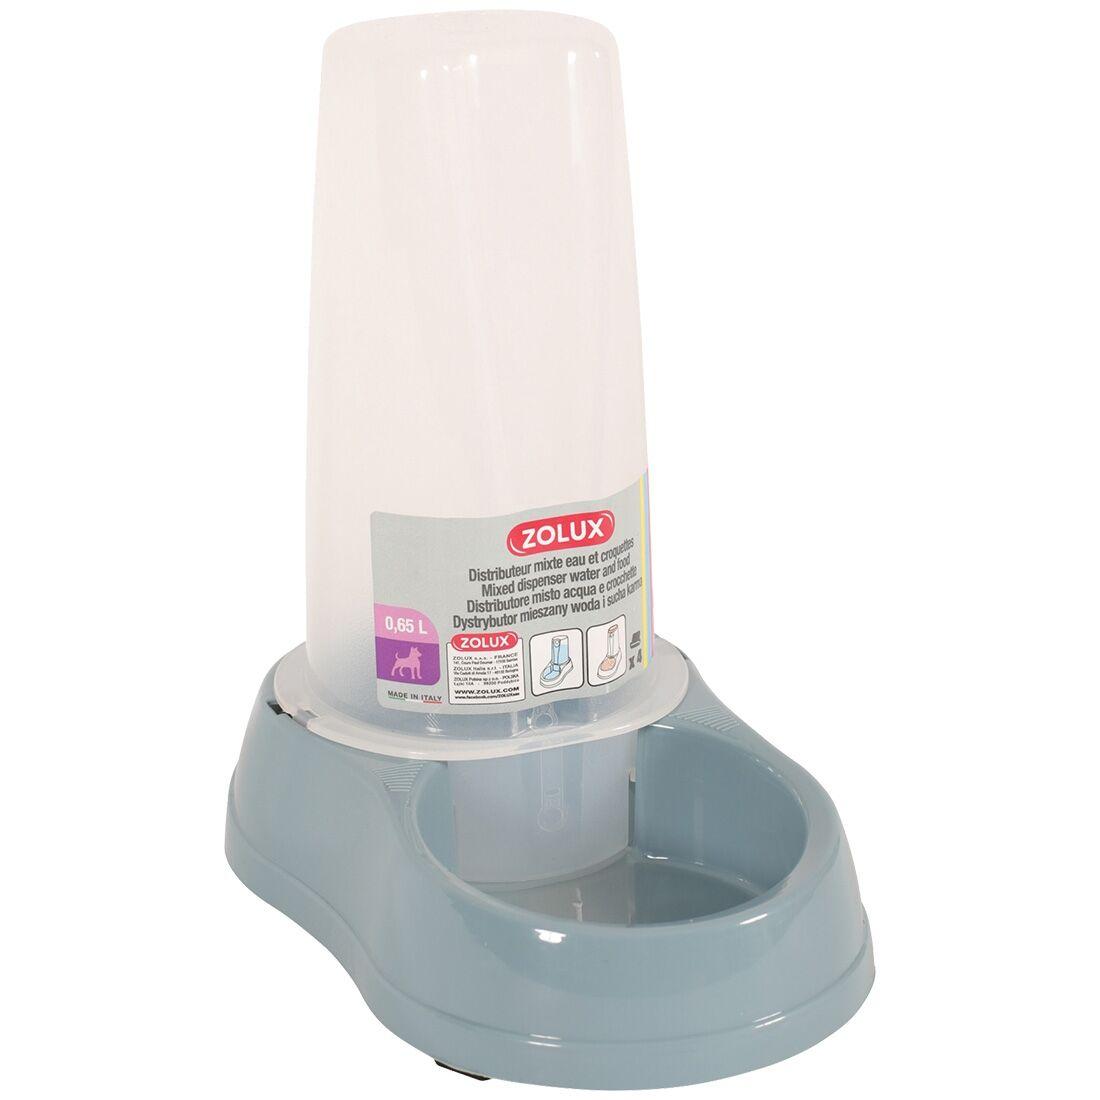 Stefanplast Distributeur mixte d'eau ou de croquettes antidérapant bleu acier Contenance : 0,65 l